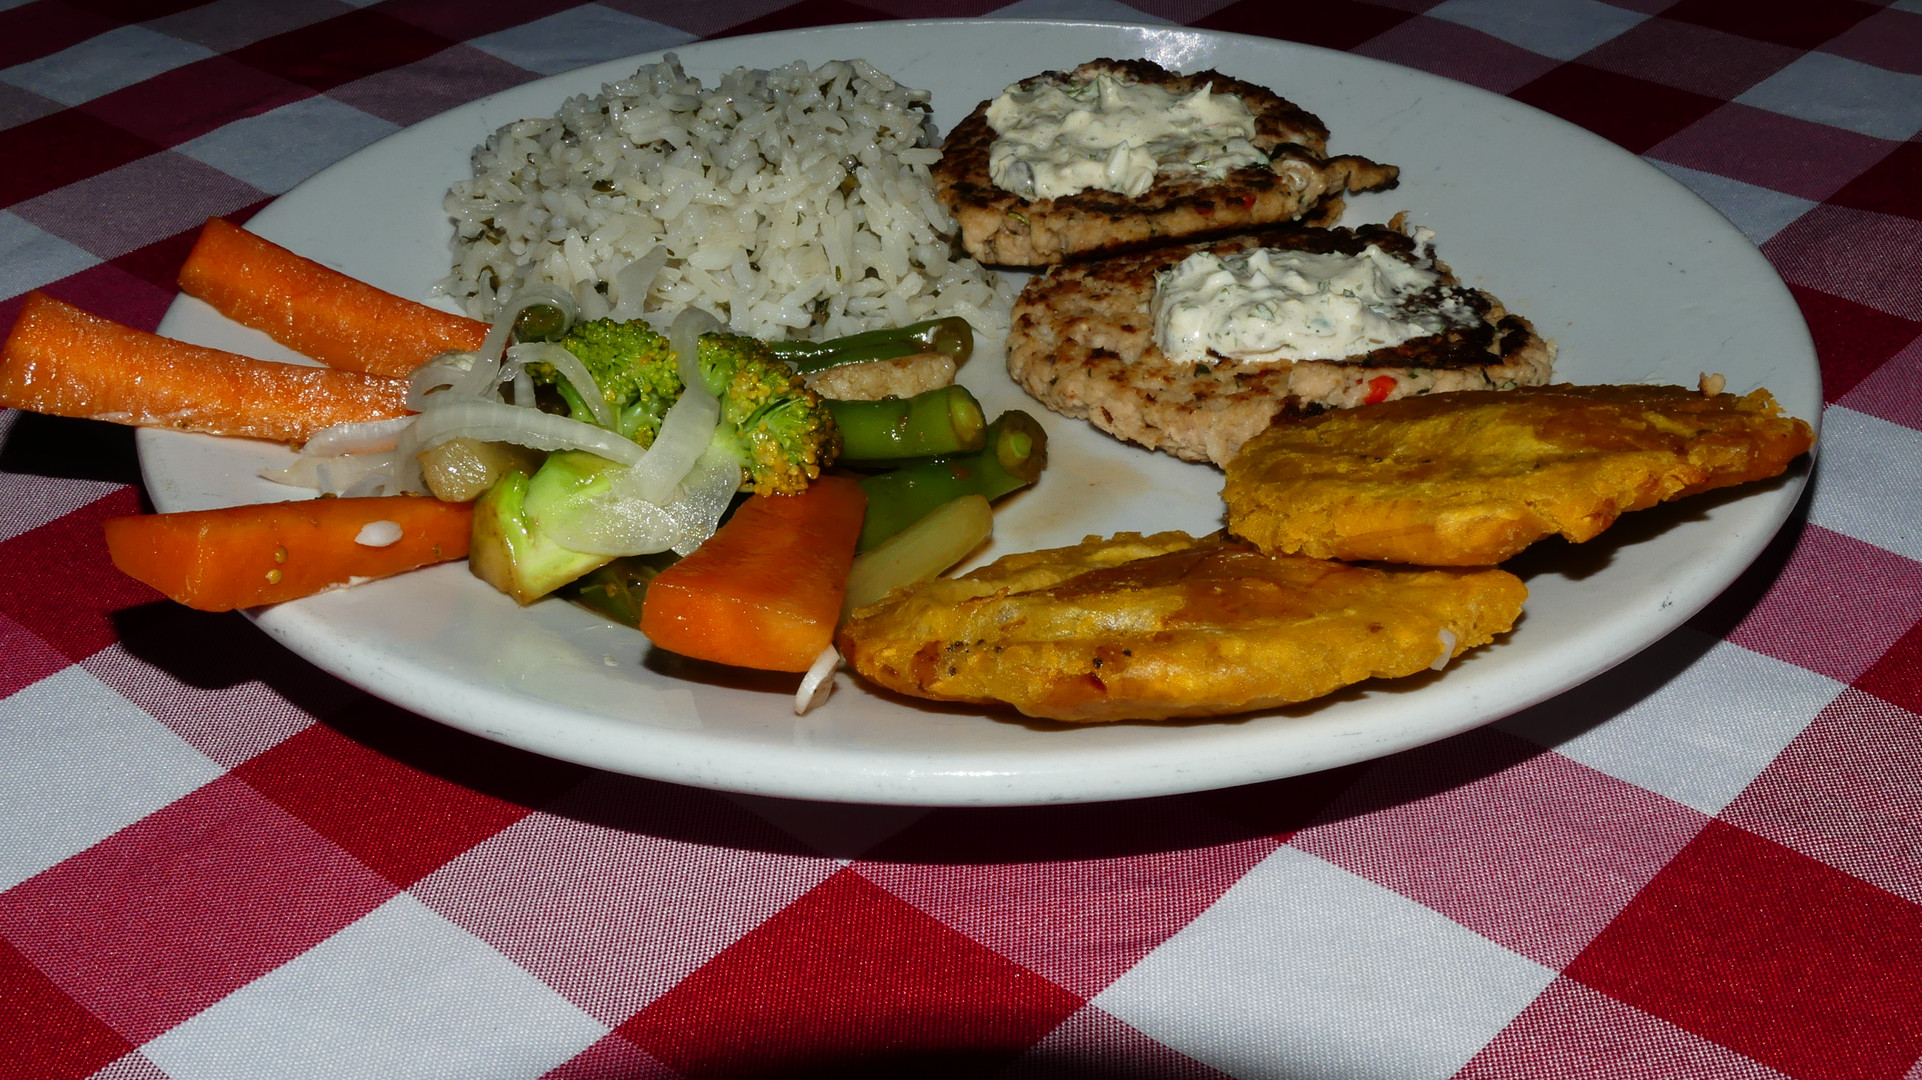 Patacones, arroz con ajonjolí, vegetales y croquetas de pescado Pijibalodge